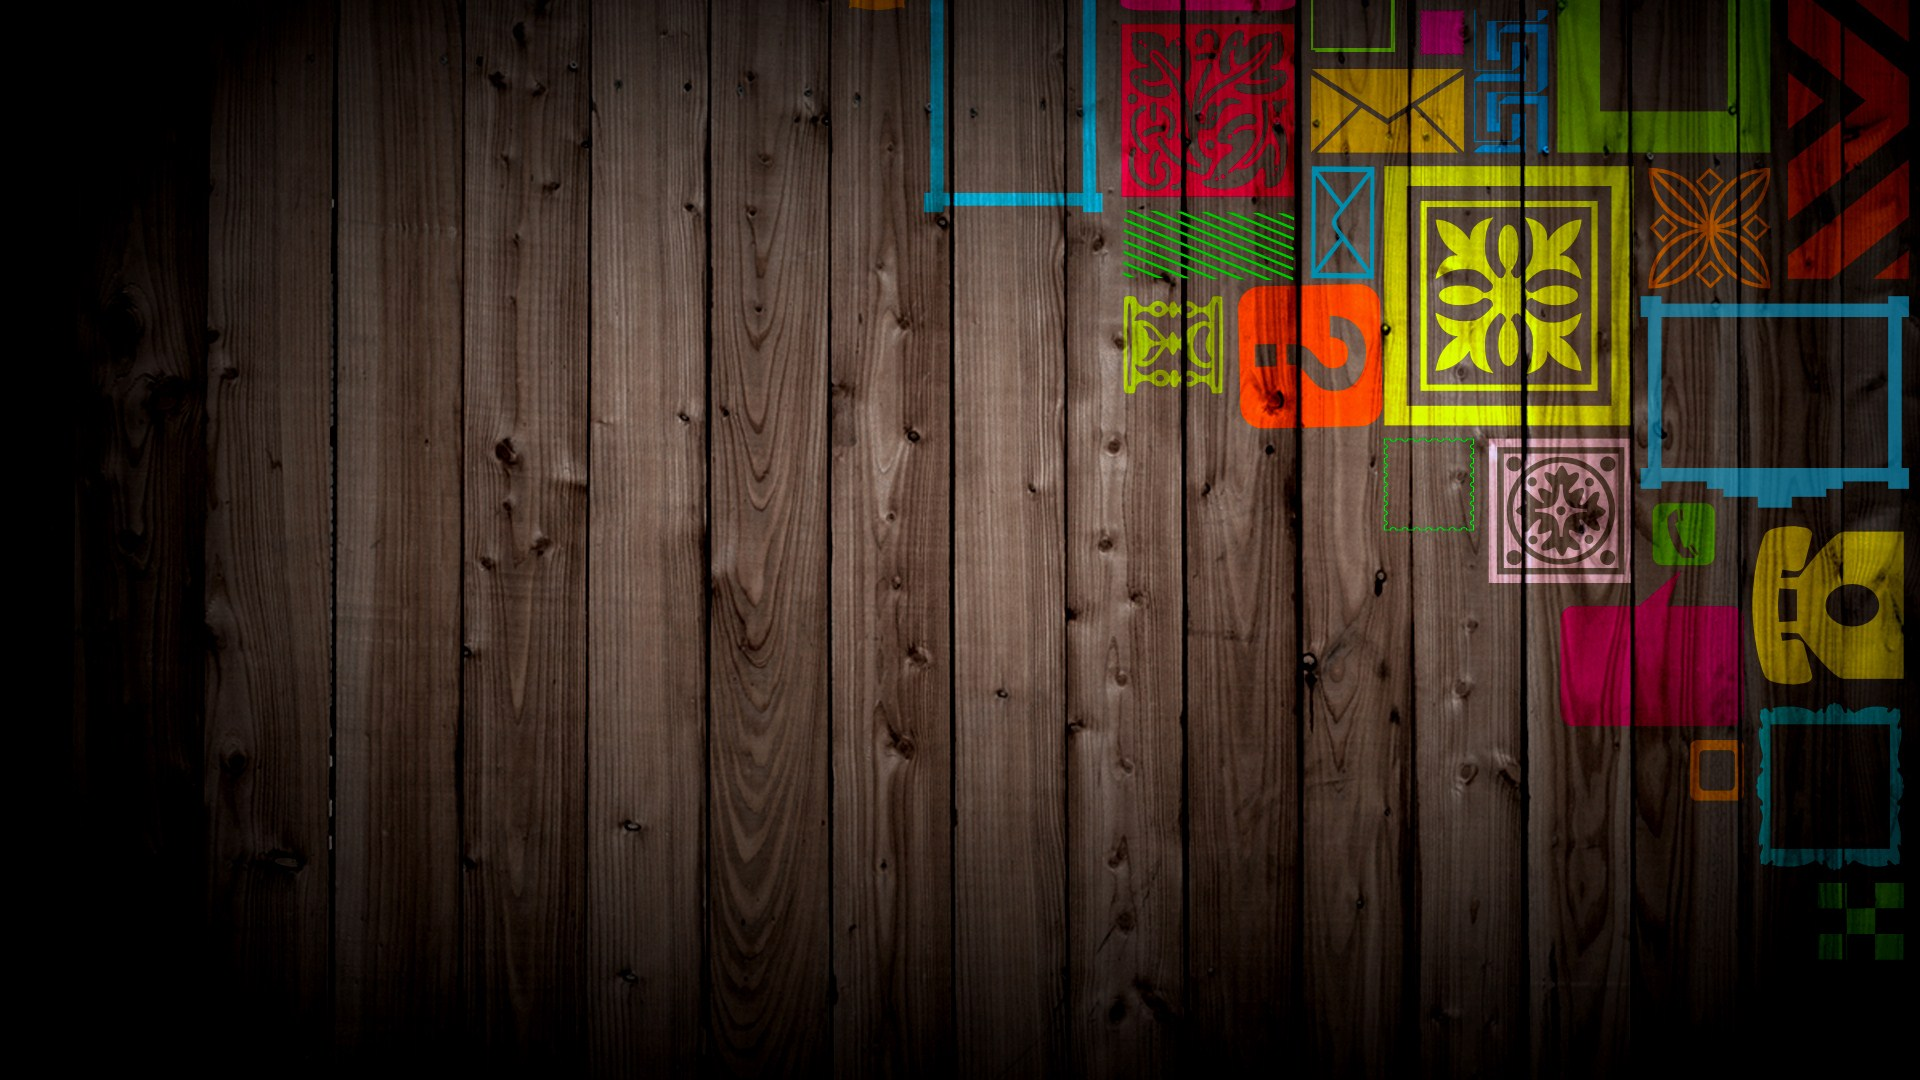 HD Funky Wallpaper